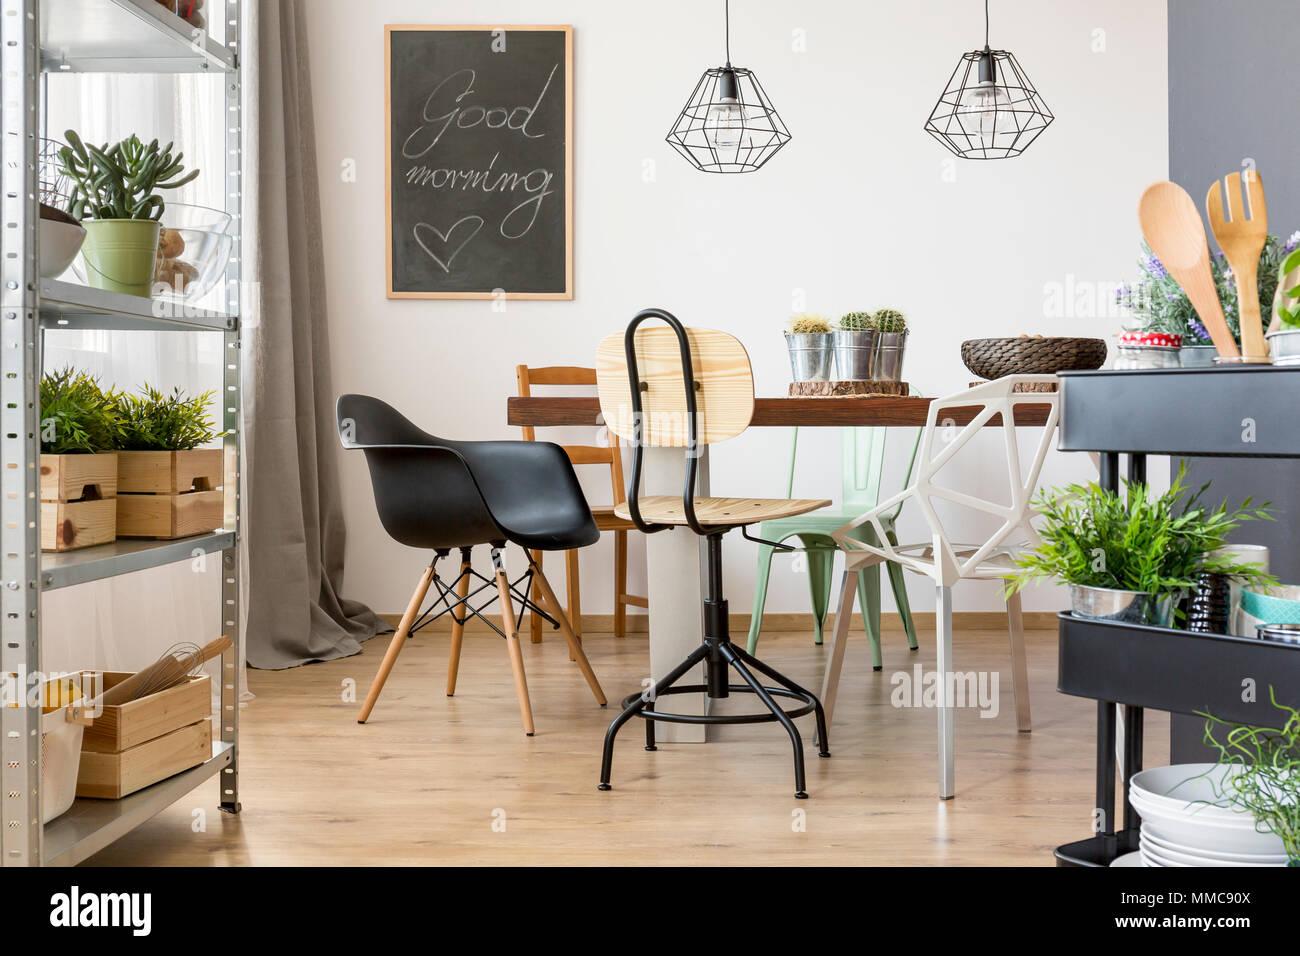 Tavoli Eleganti Sala Da Pranzo sala da pranzo con moderne sedie, tavolo e semplice regale